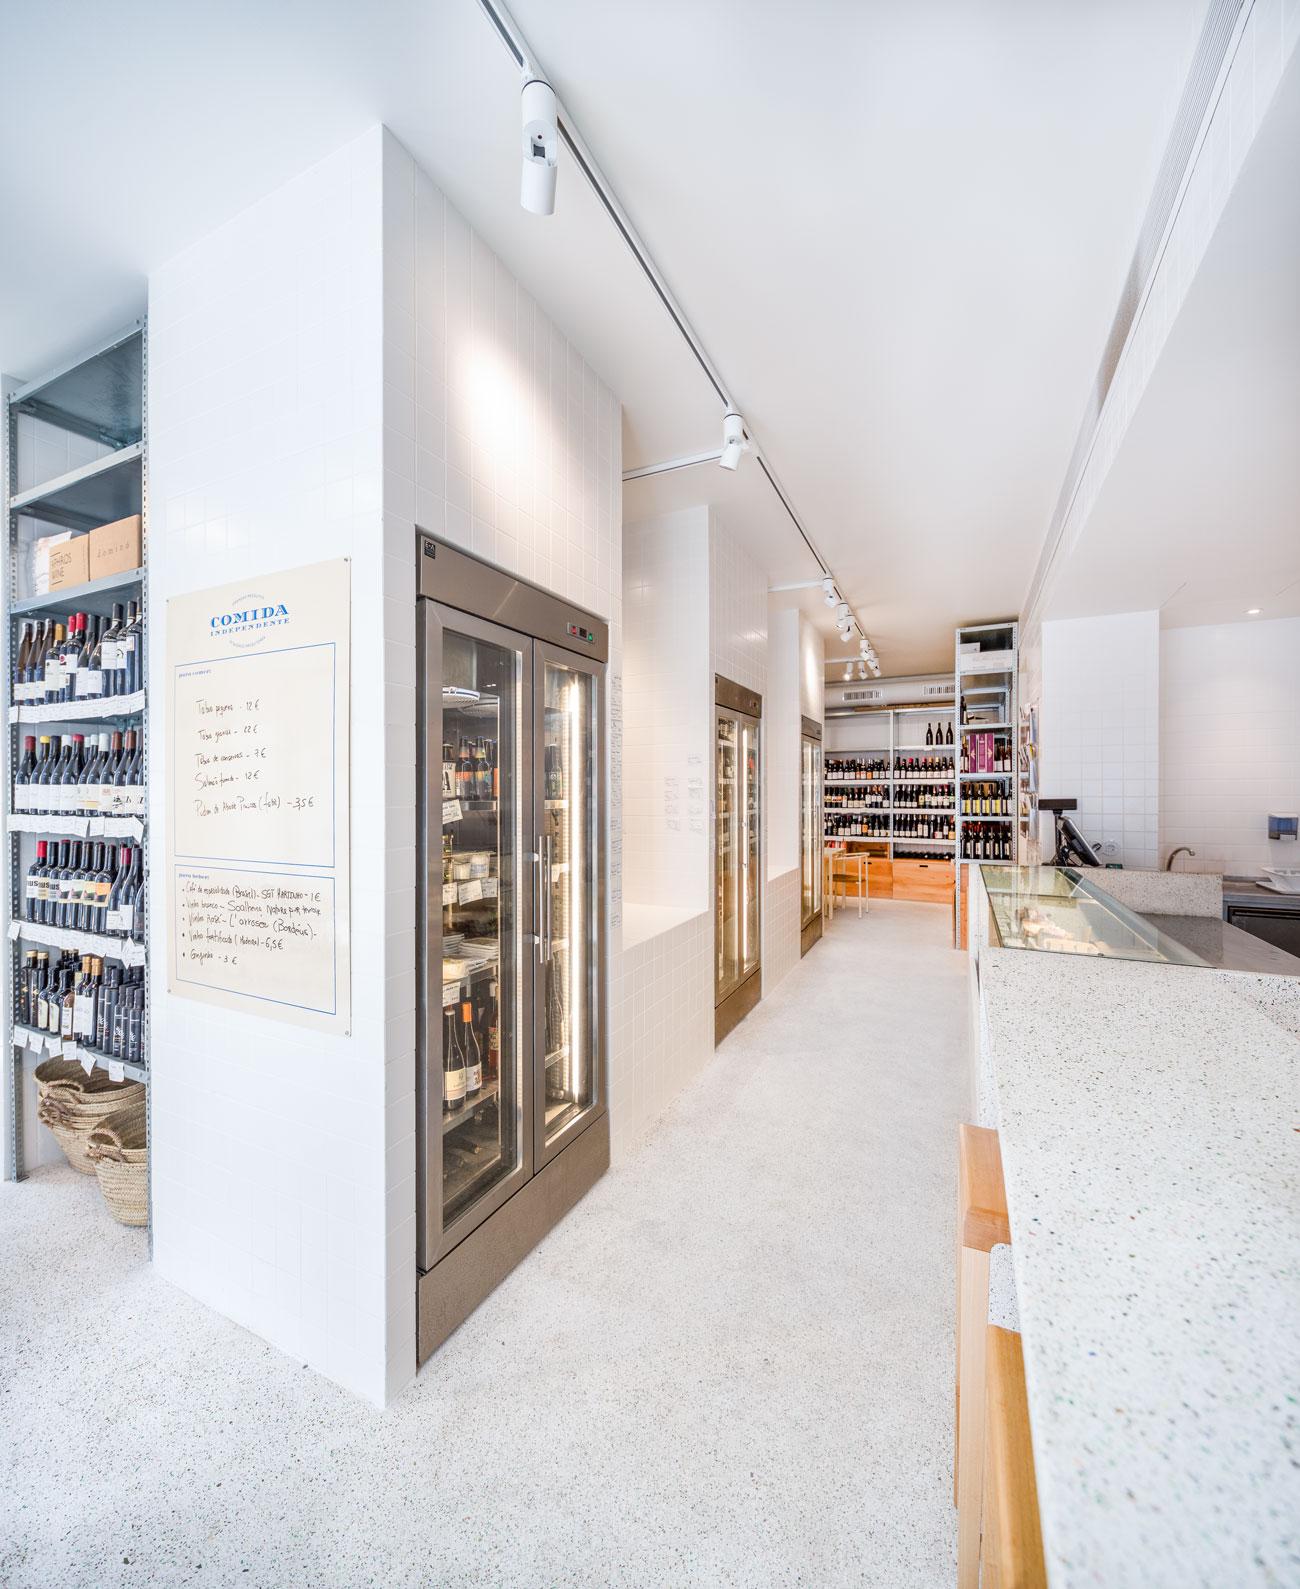 dc ad comida independente architecture 03